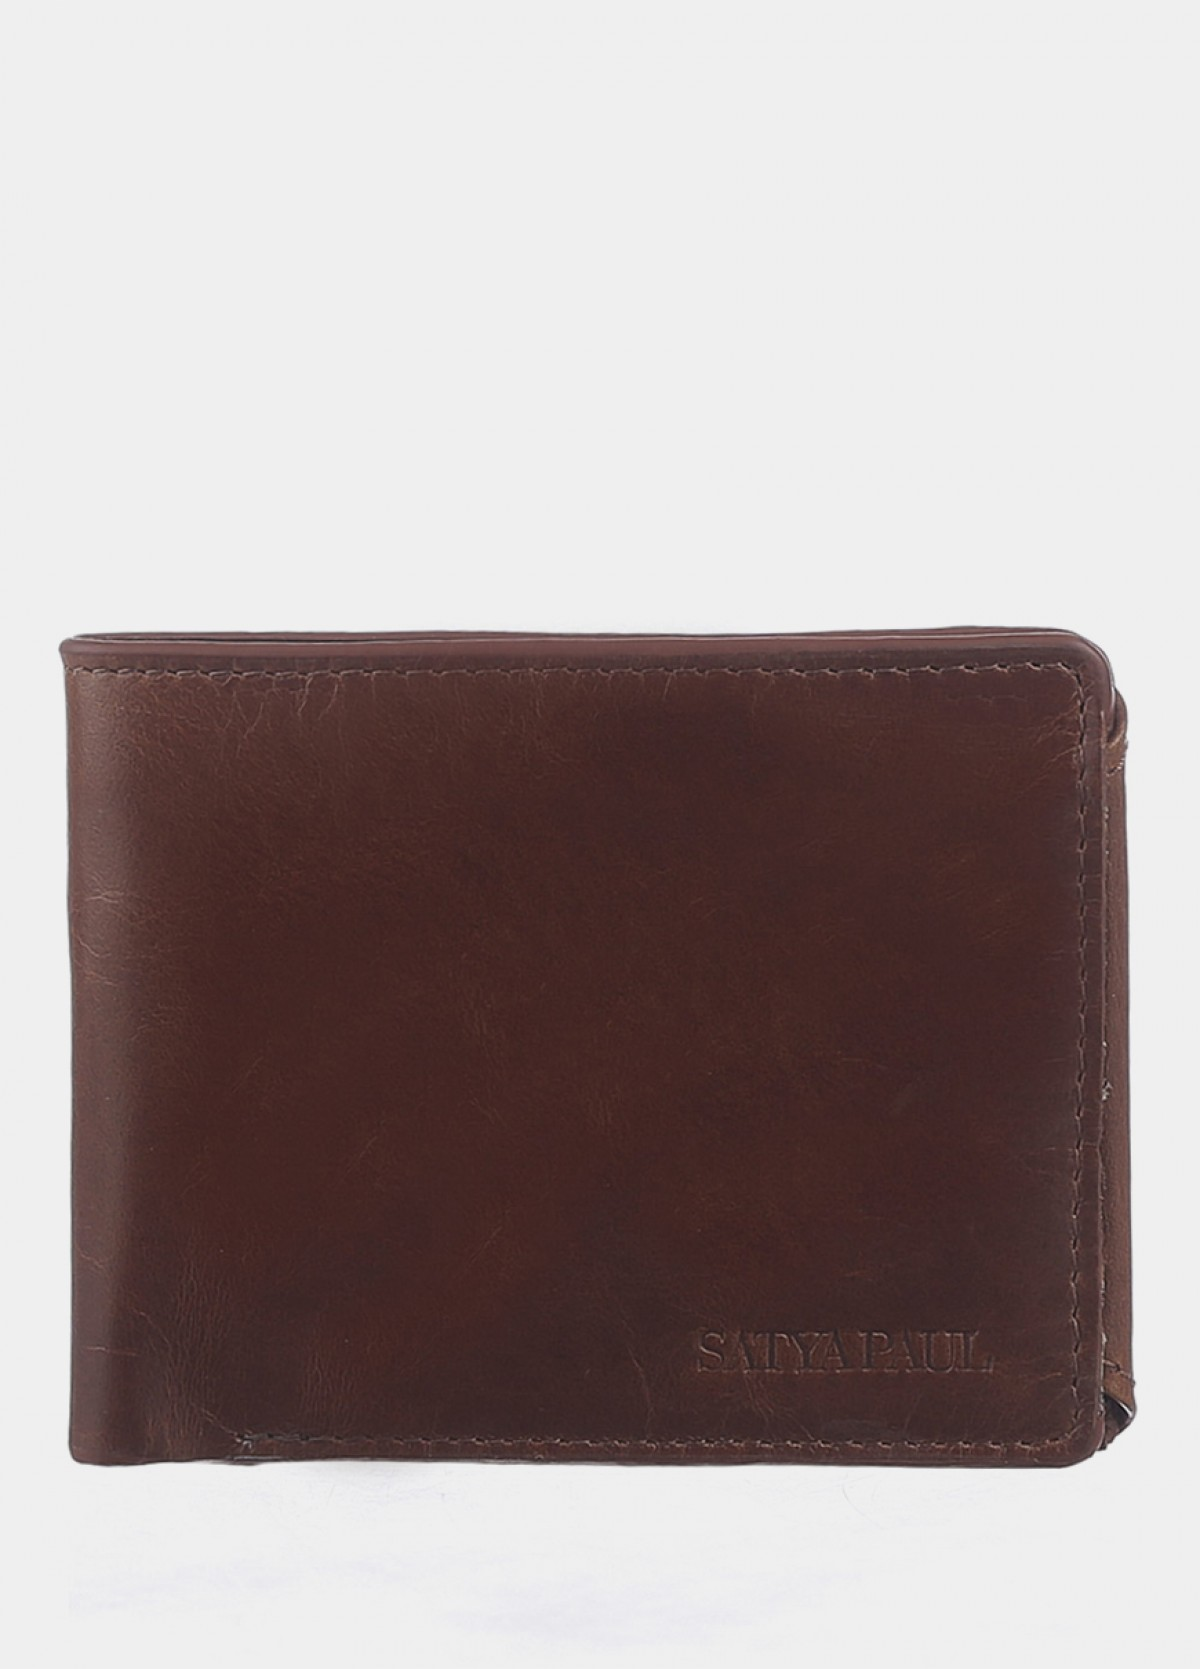 The Bi-Fold Wallet